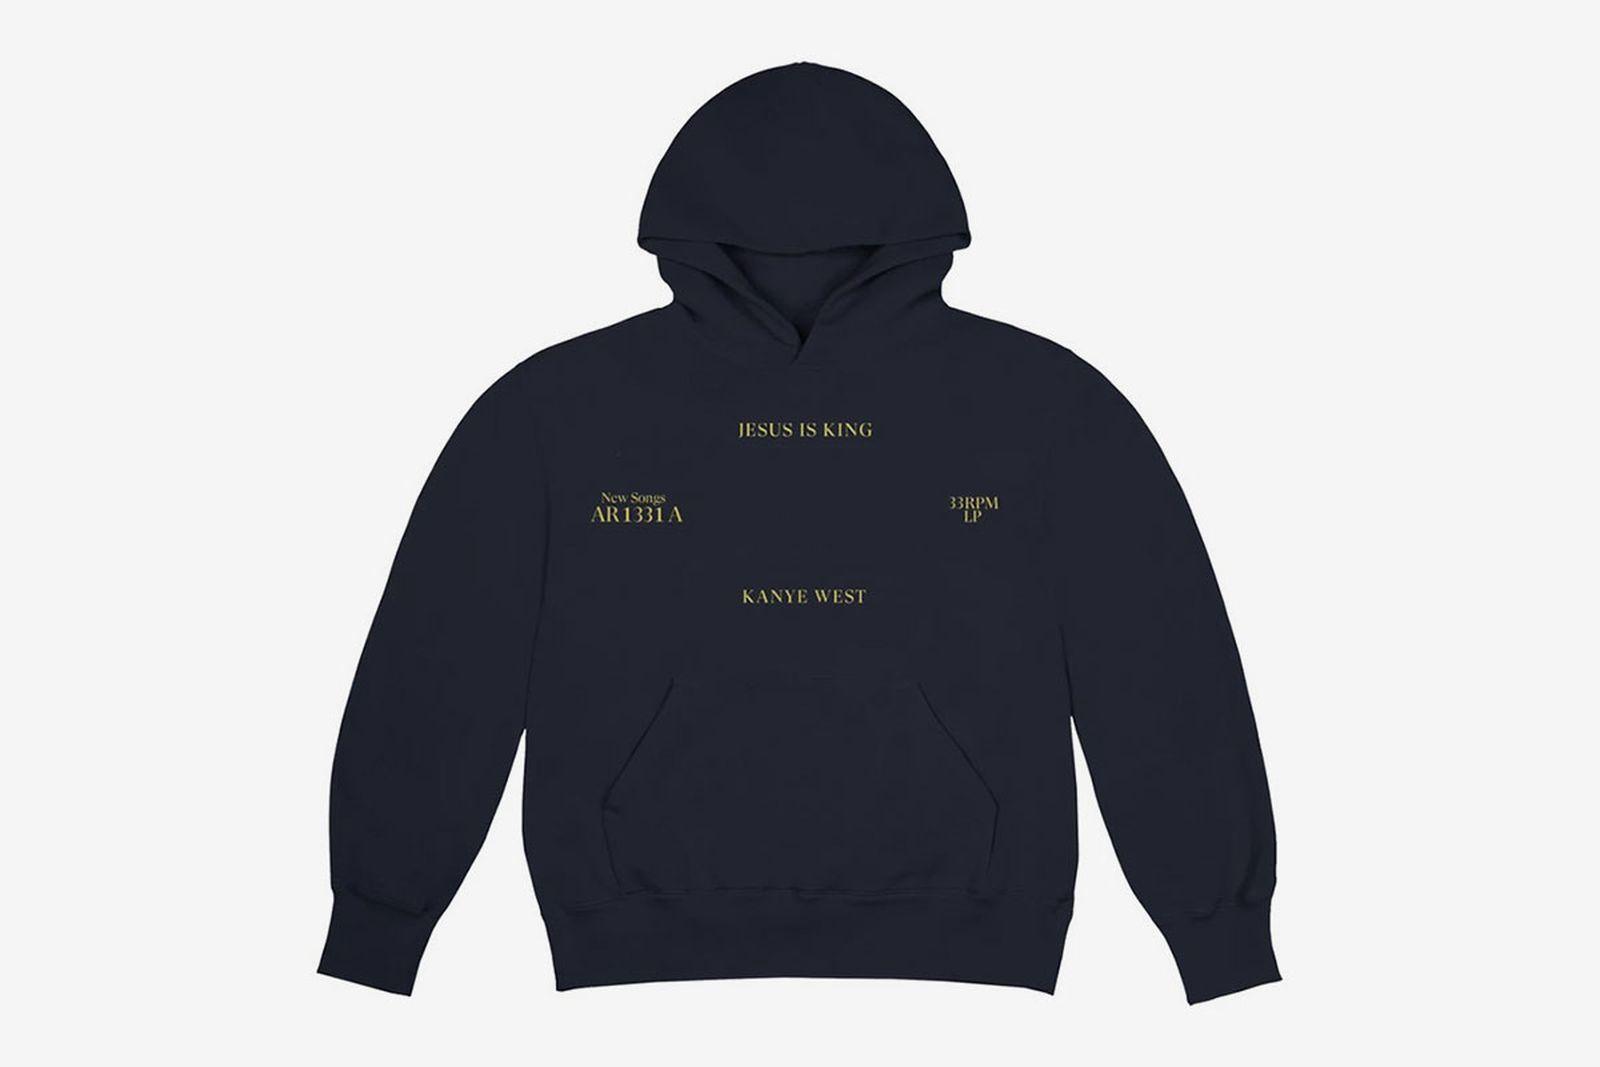 Kanye West 'Jesus is king' black hoodie